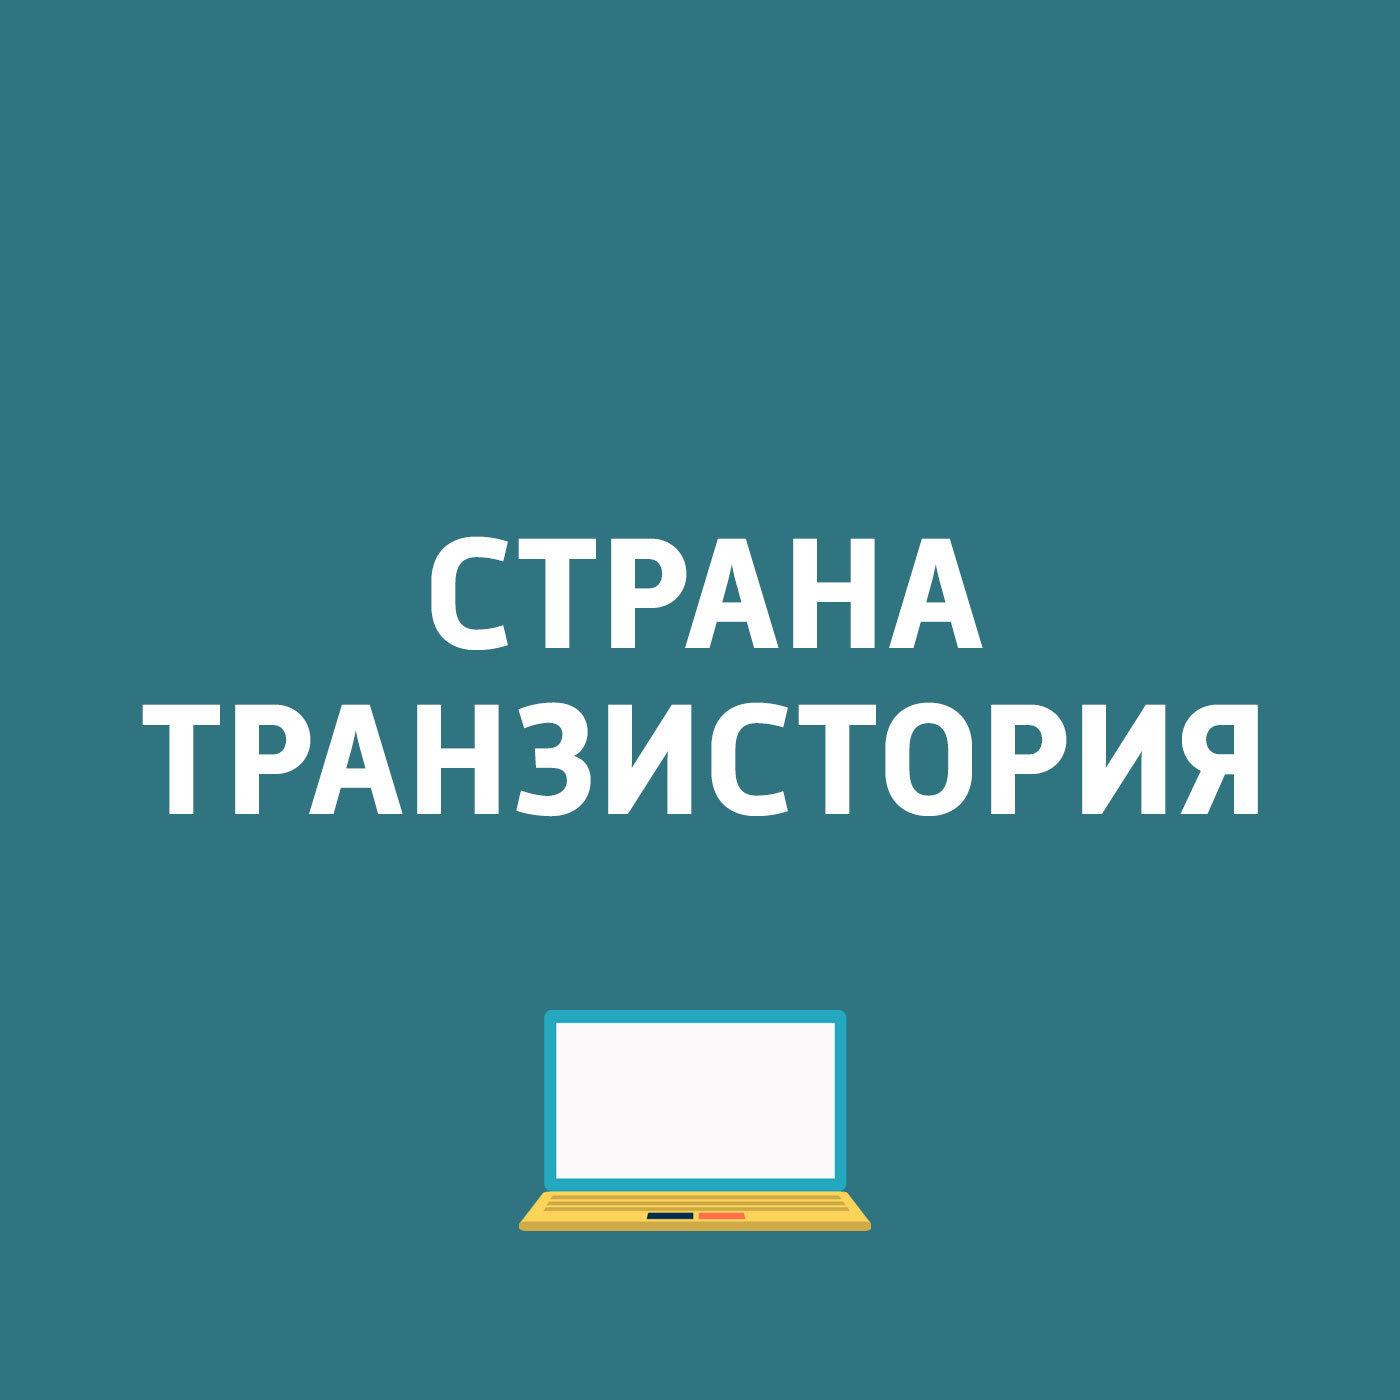 Картаев Павел Blizzard выпустит книгу-раскладушку картаев павел windows 10 april 2018 update доктор веб предупреждает о появлении в google play вируса